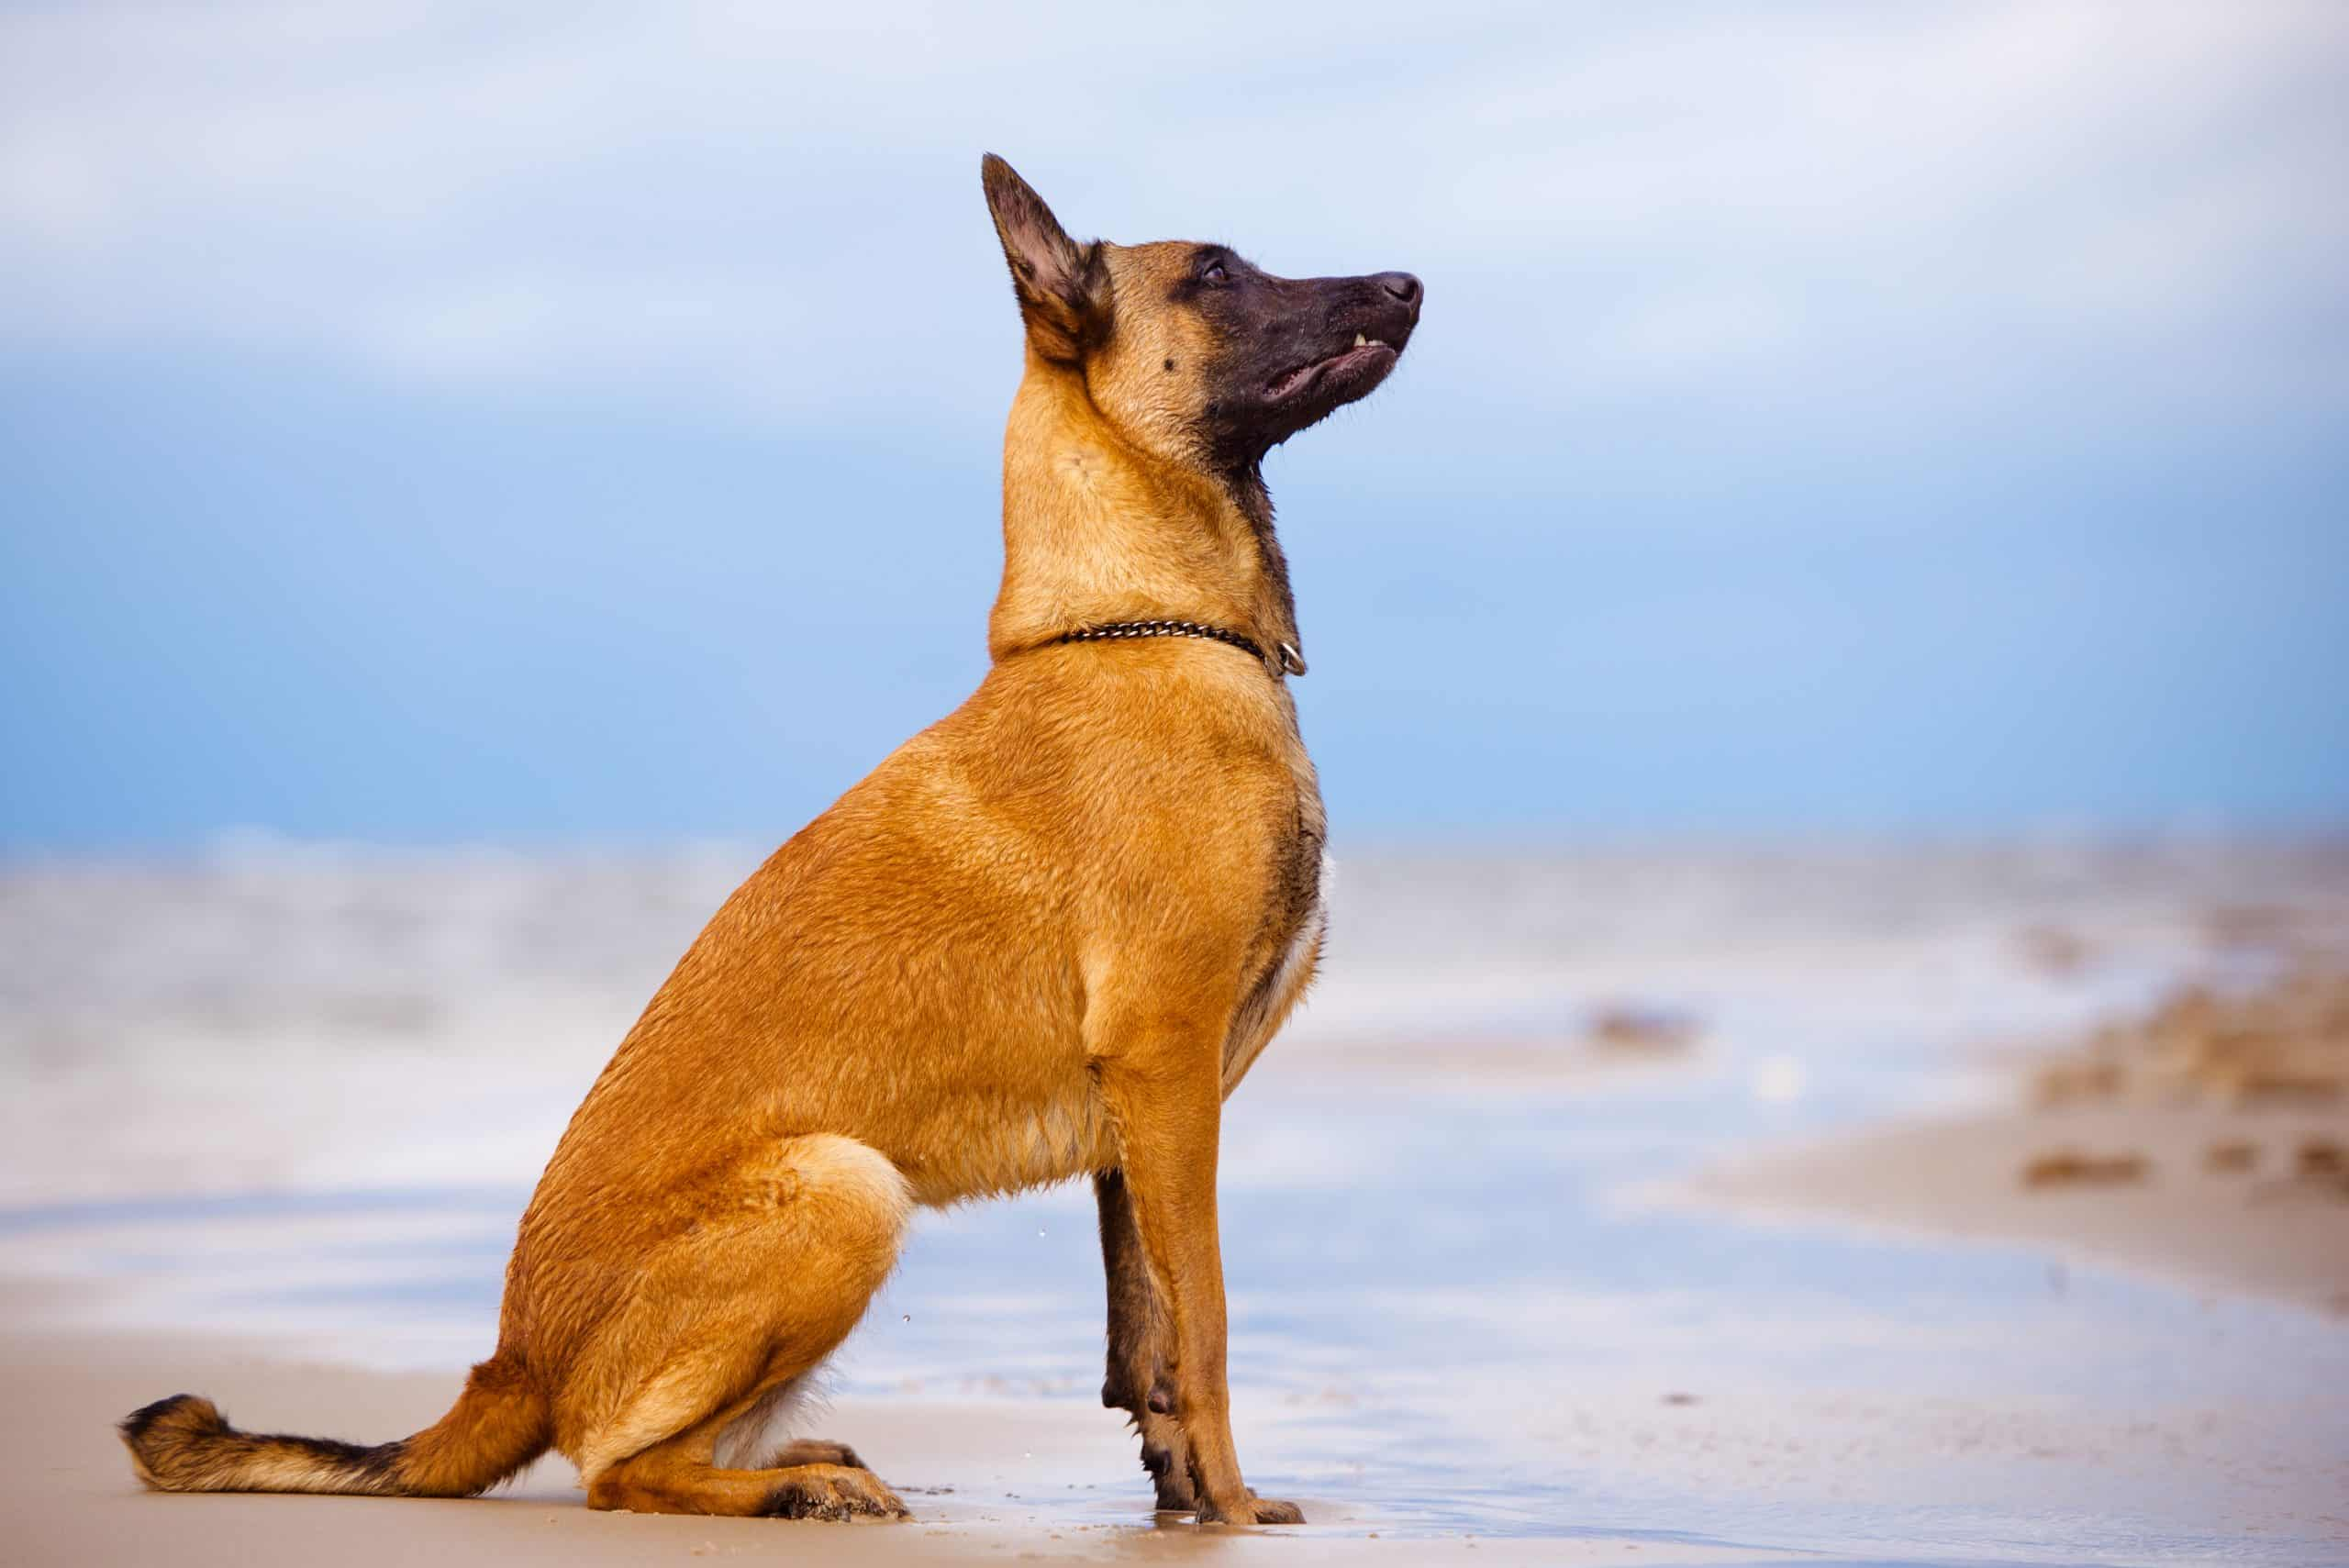 belgian malinois - who is definitely not a German Shepherd!